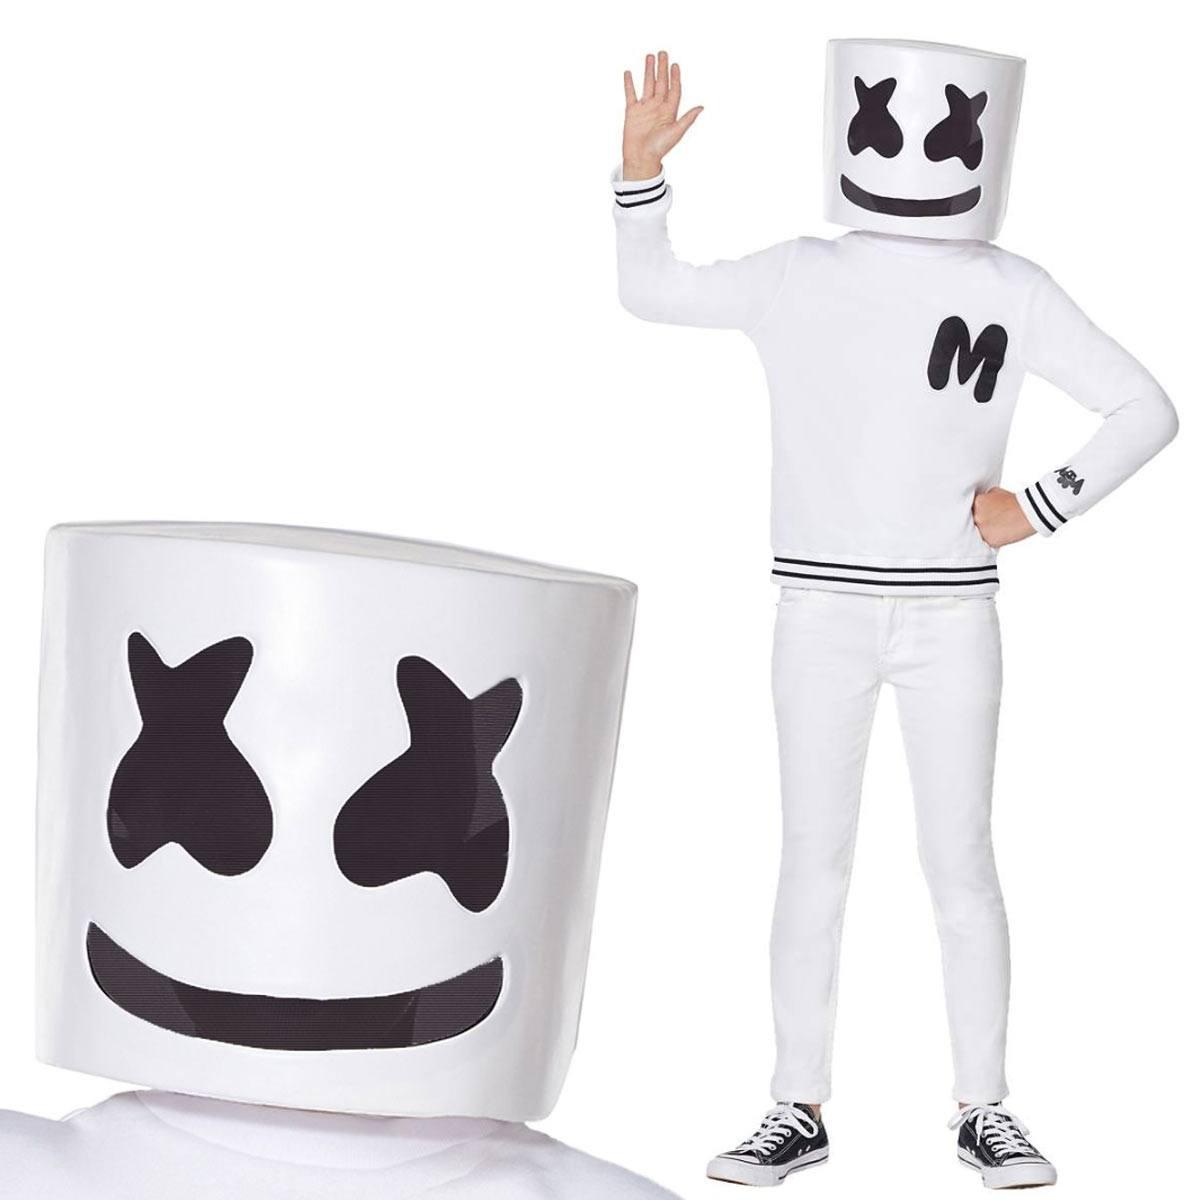 マシュメロ Marshmello(マシュメロ)のオススメ曲13選!白い仮面をかぶったDJとは? 2021年7月